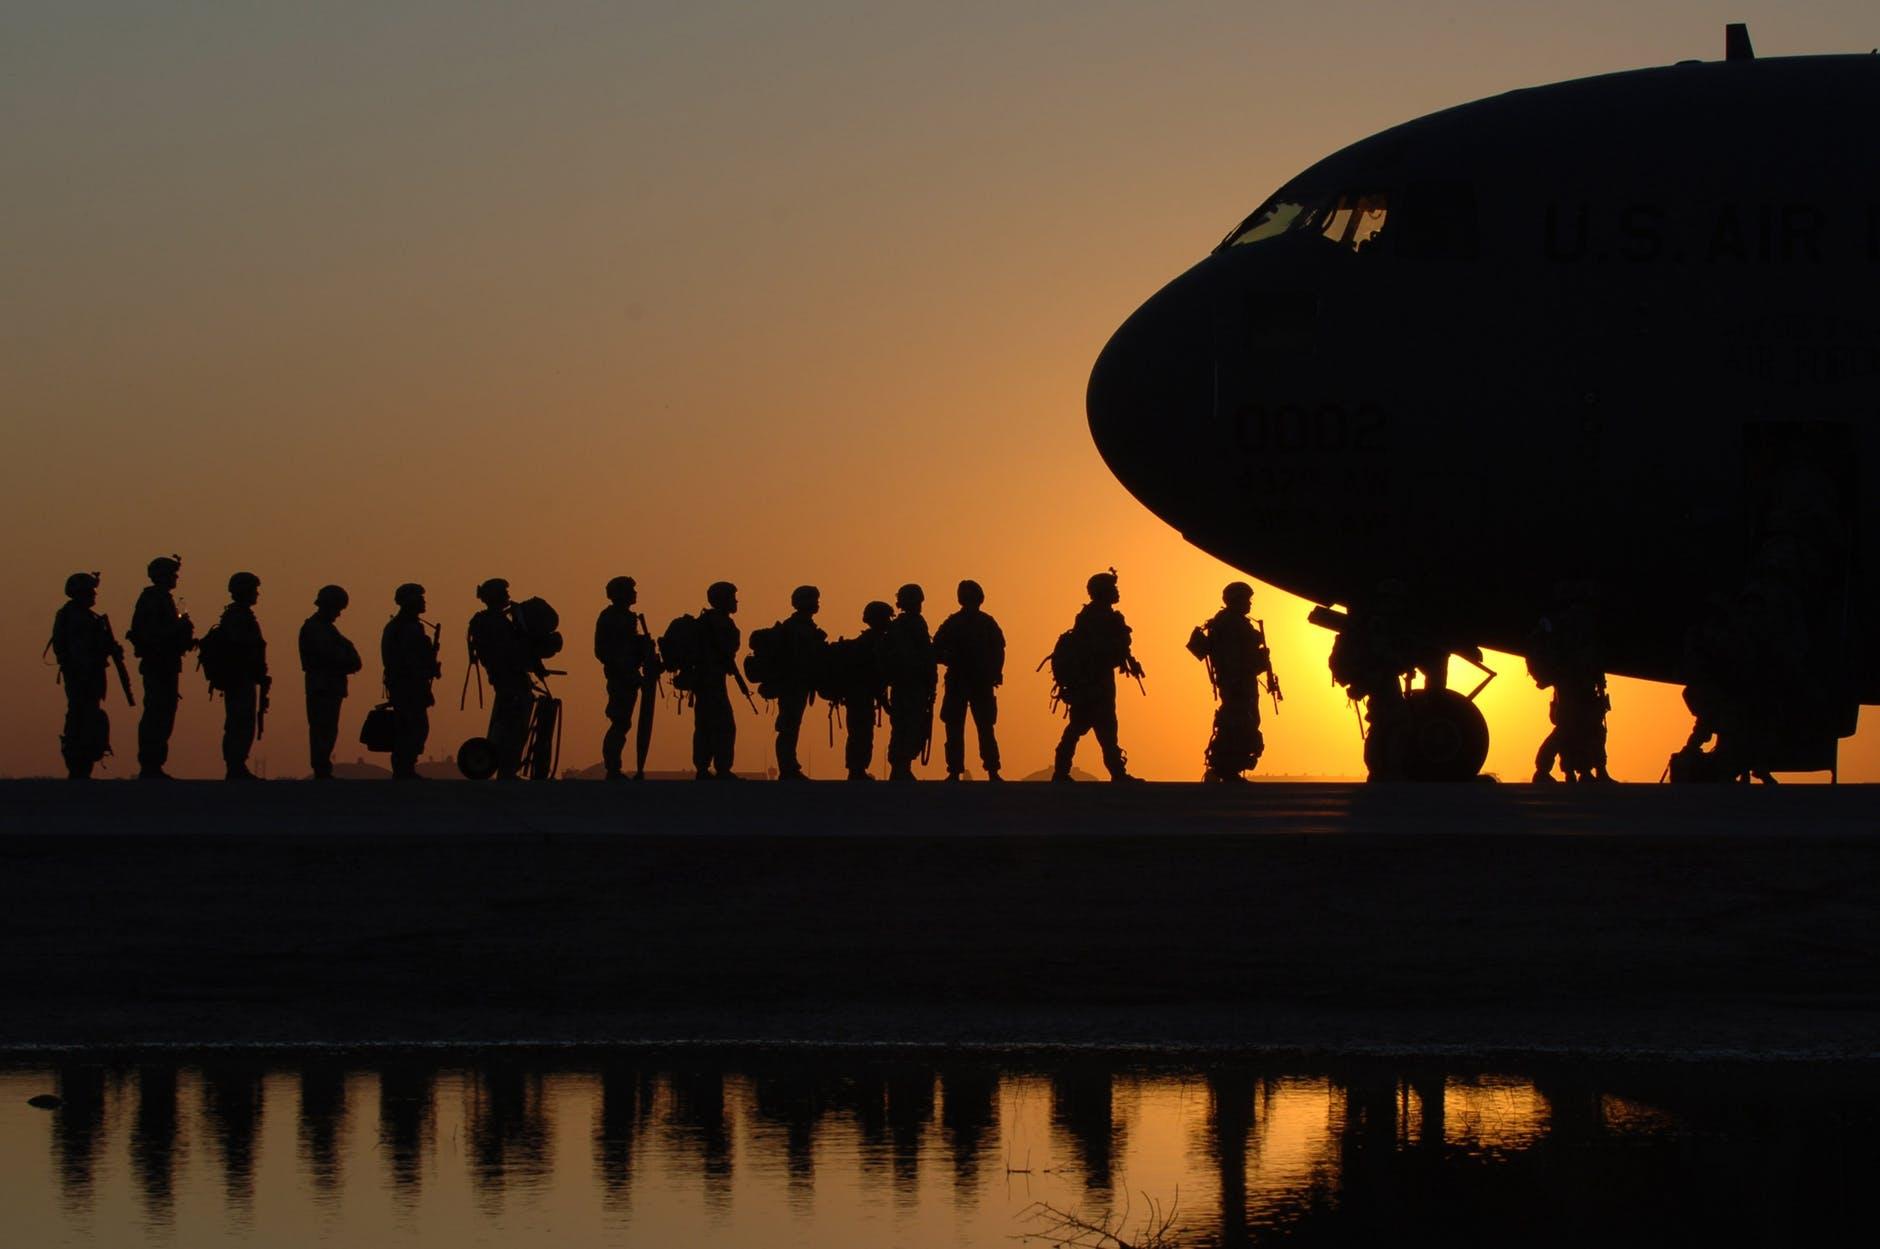 Veterans returning home